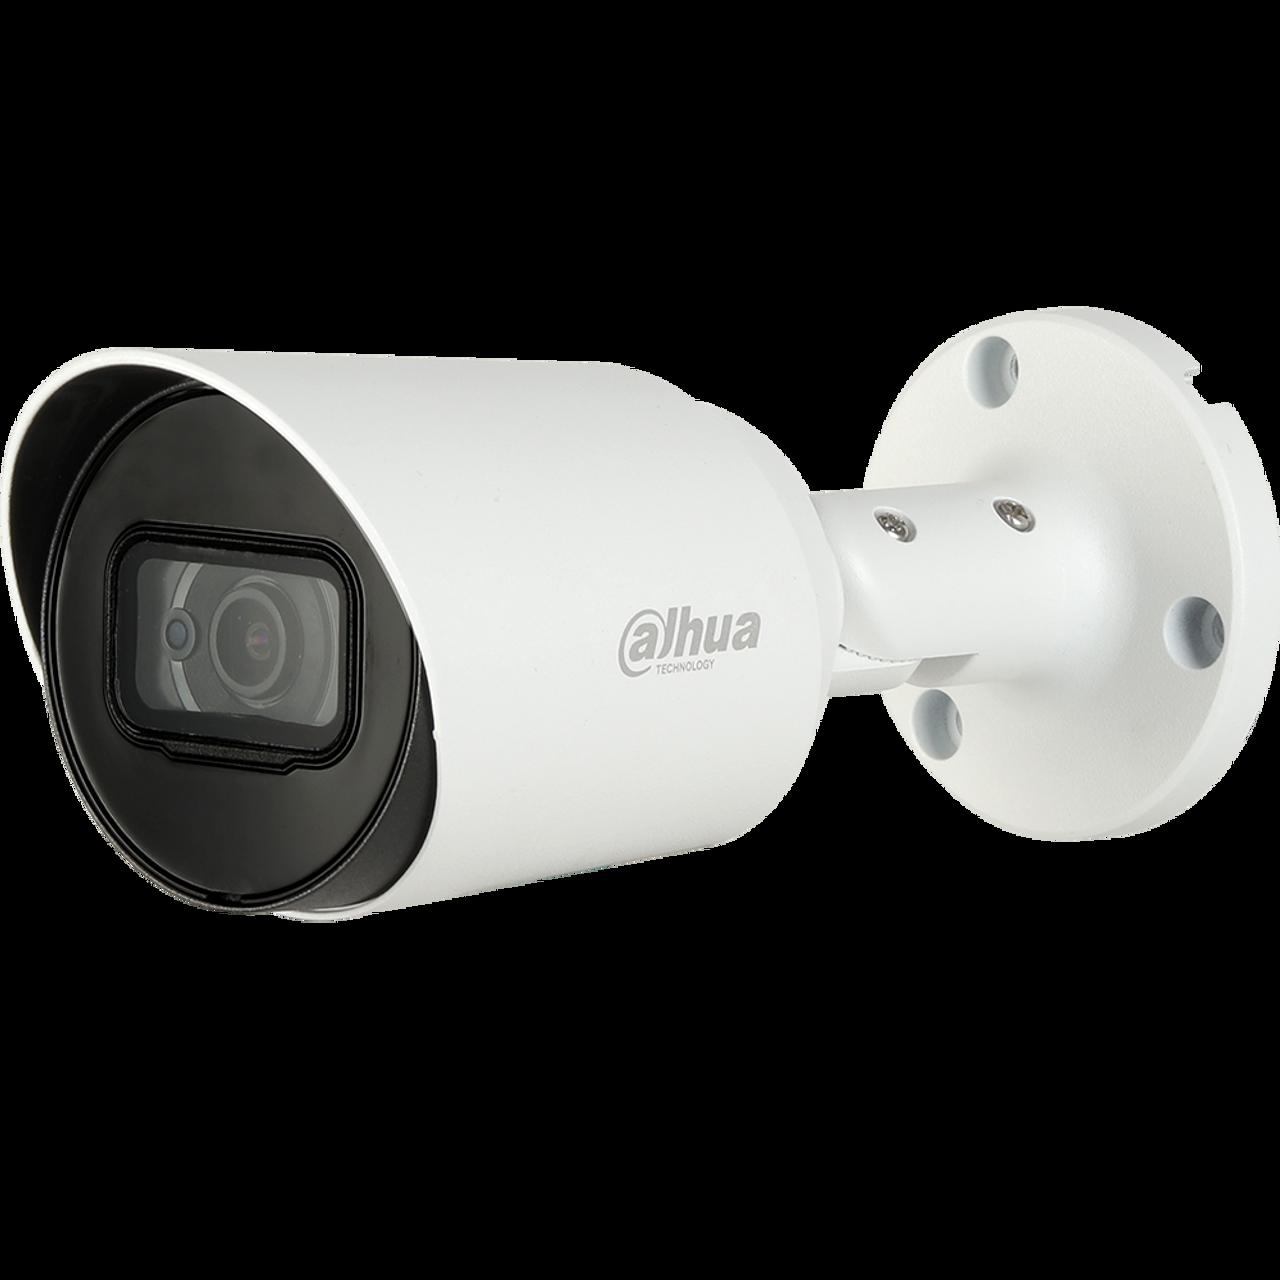 Dahua A21CF02 2MP 2 8mm Multi-format Bullet Camera